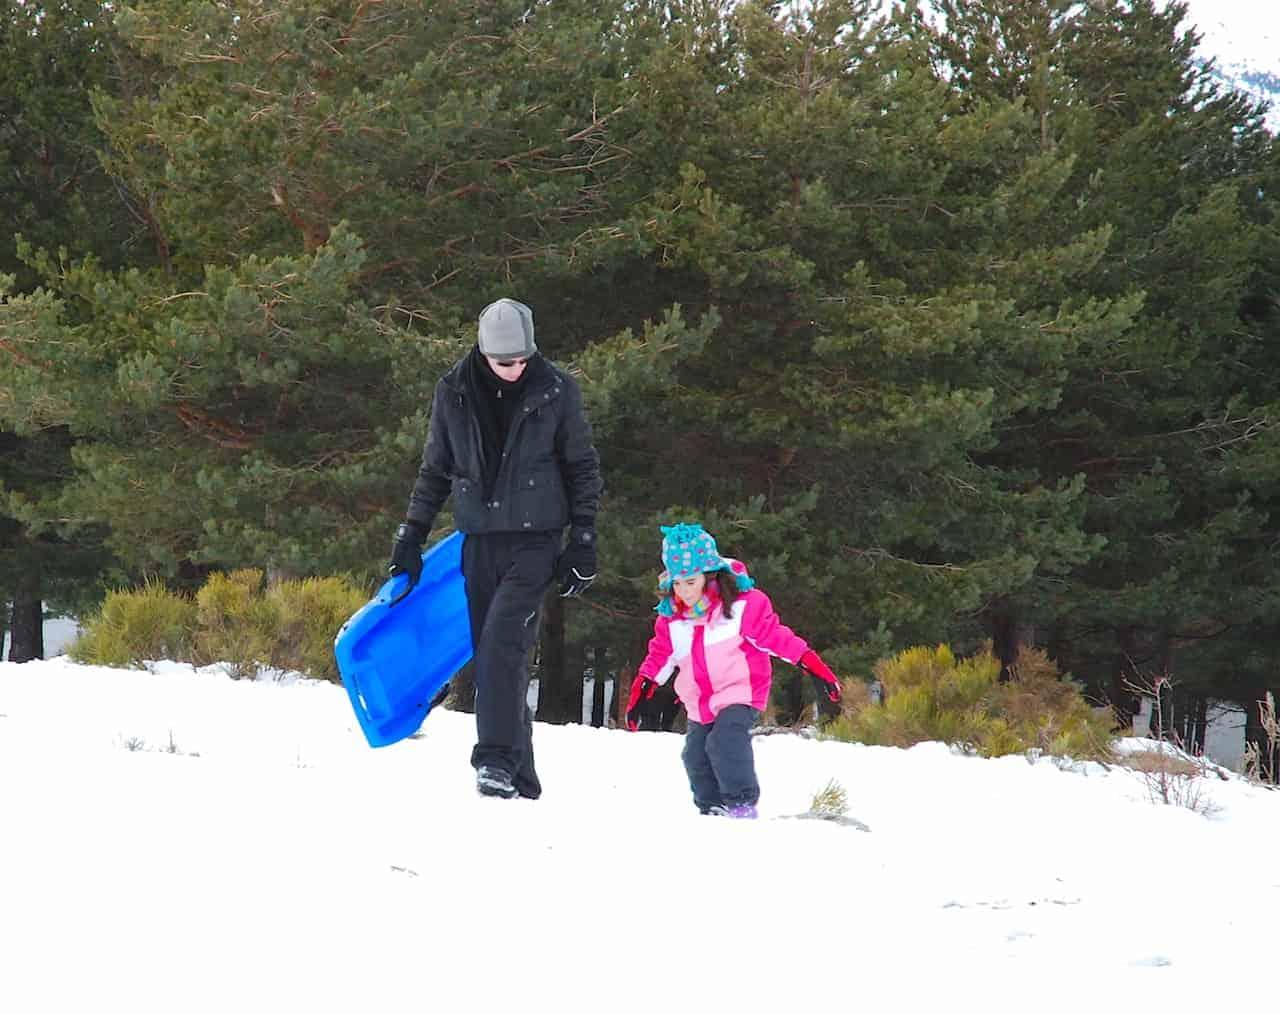 Papá y la peque andando por la nieve con el trineo en la mano